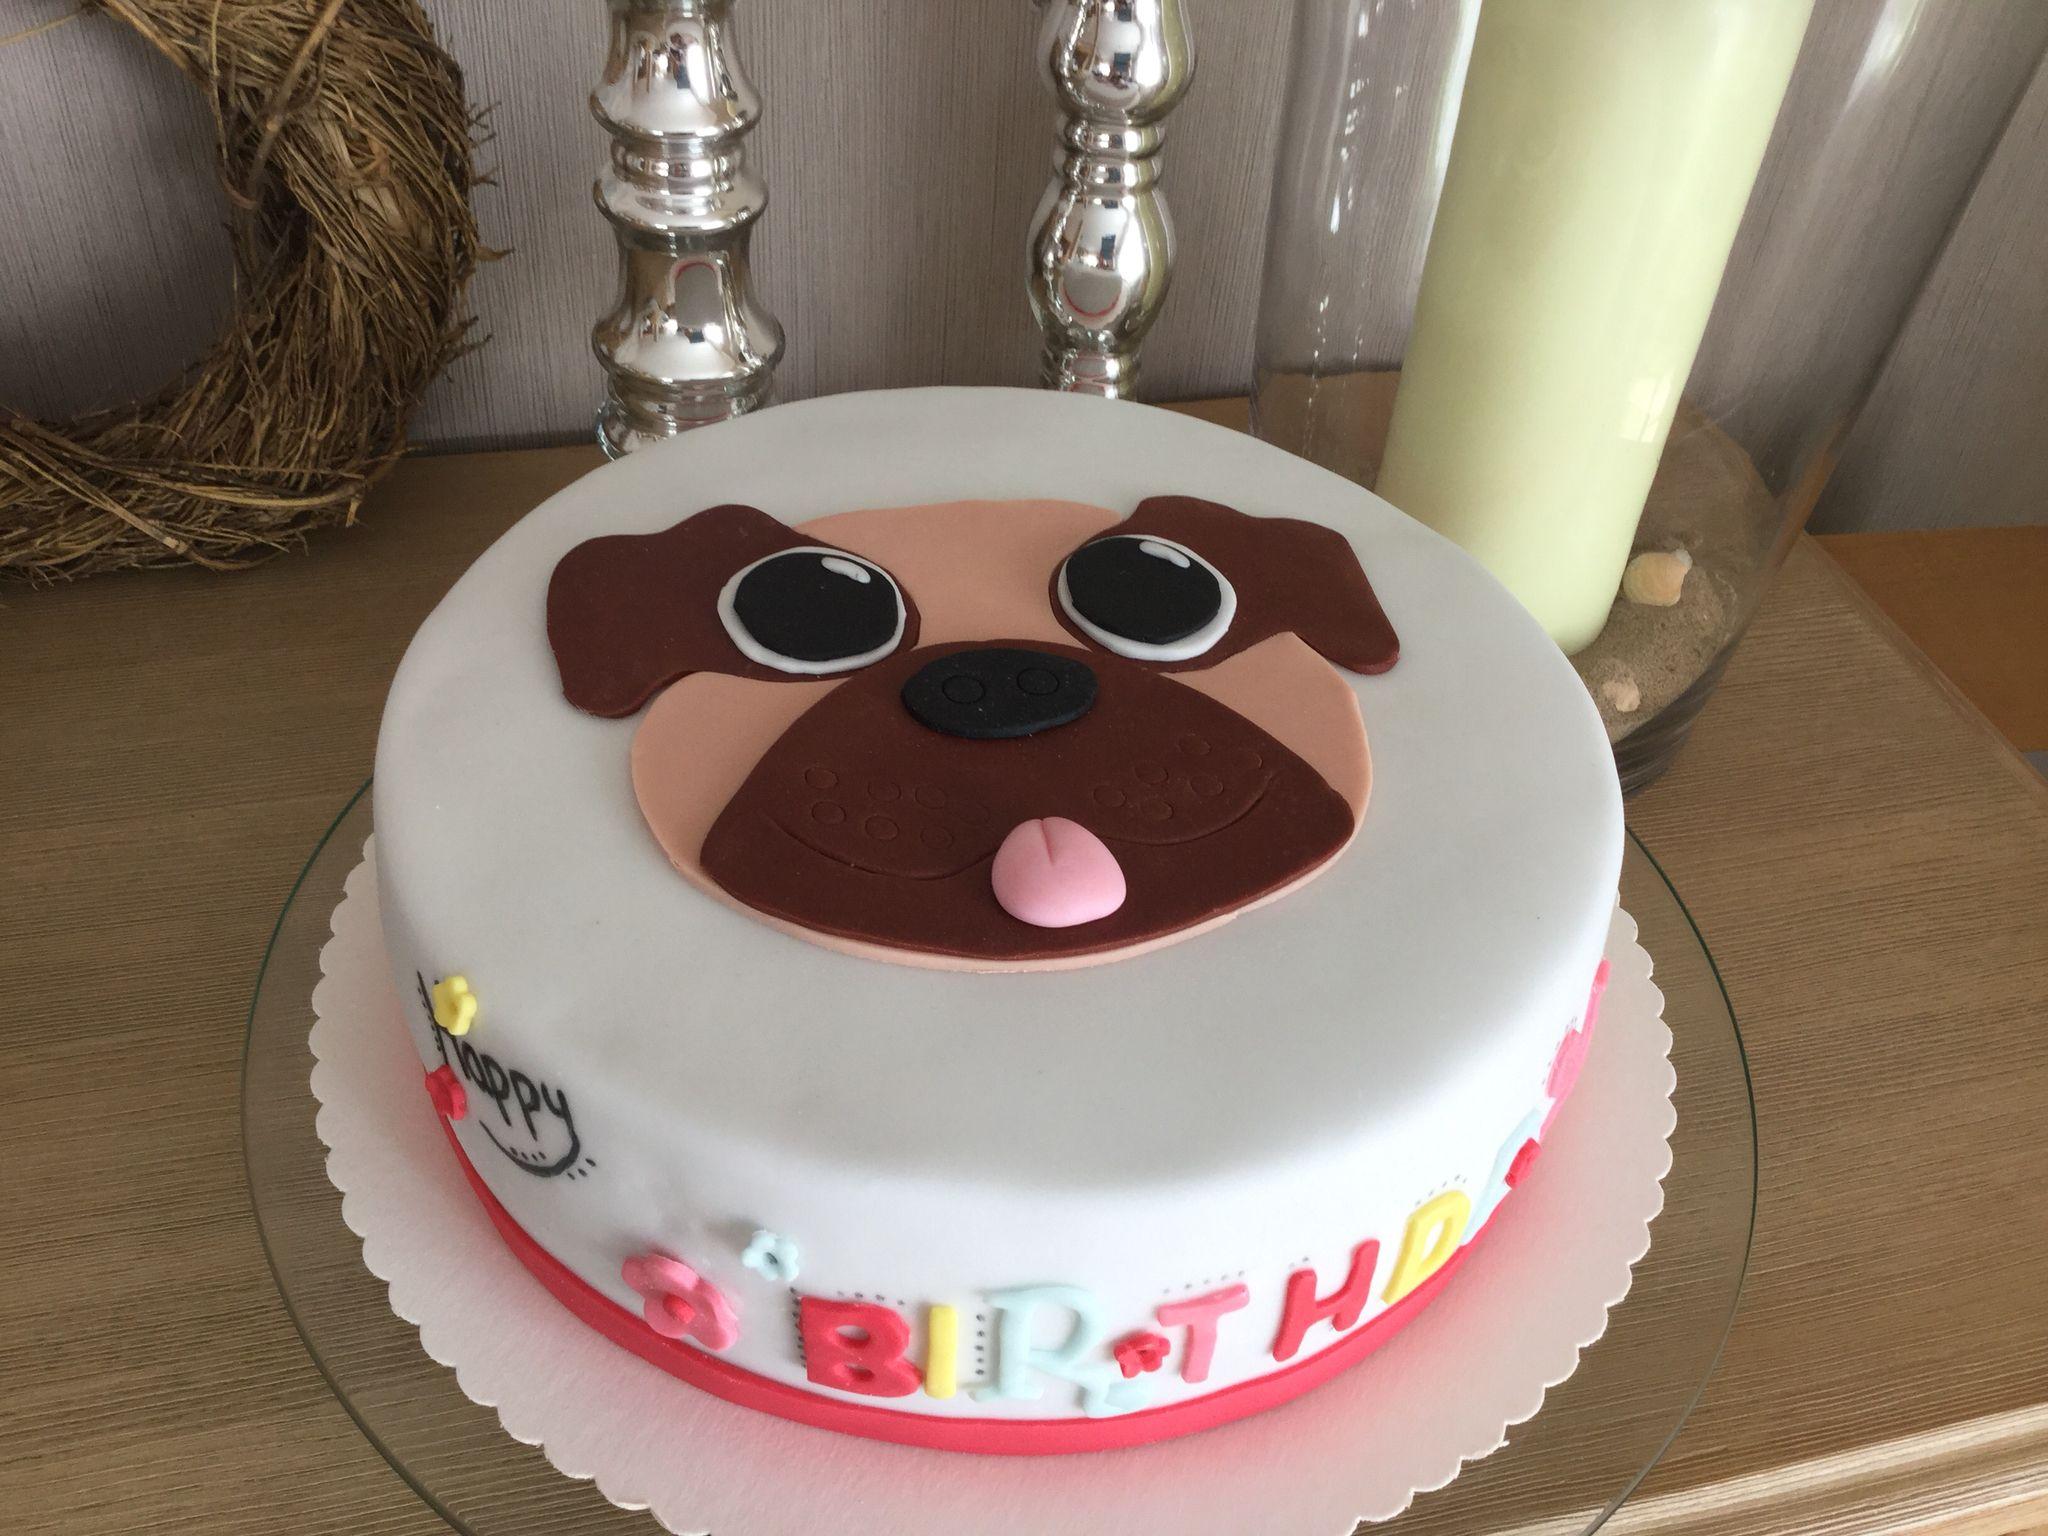 Fur Eine Liebe Freundin Deren Tochter Sich Eine Torte Mit Mops Wunschte Motivtorten Kuchen Ohne Backen Kreative Kuchen